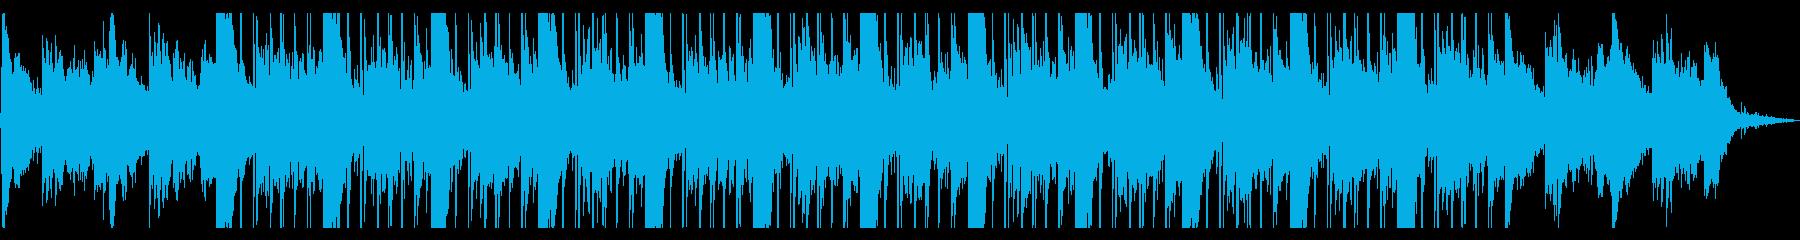 ピアノを使ったlo-fi hip hopの再生済みの波形